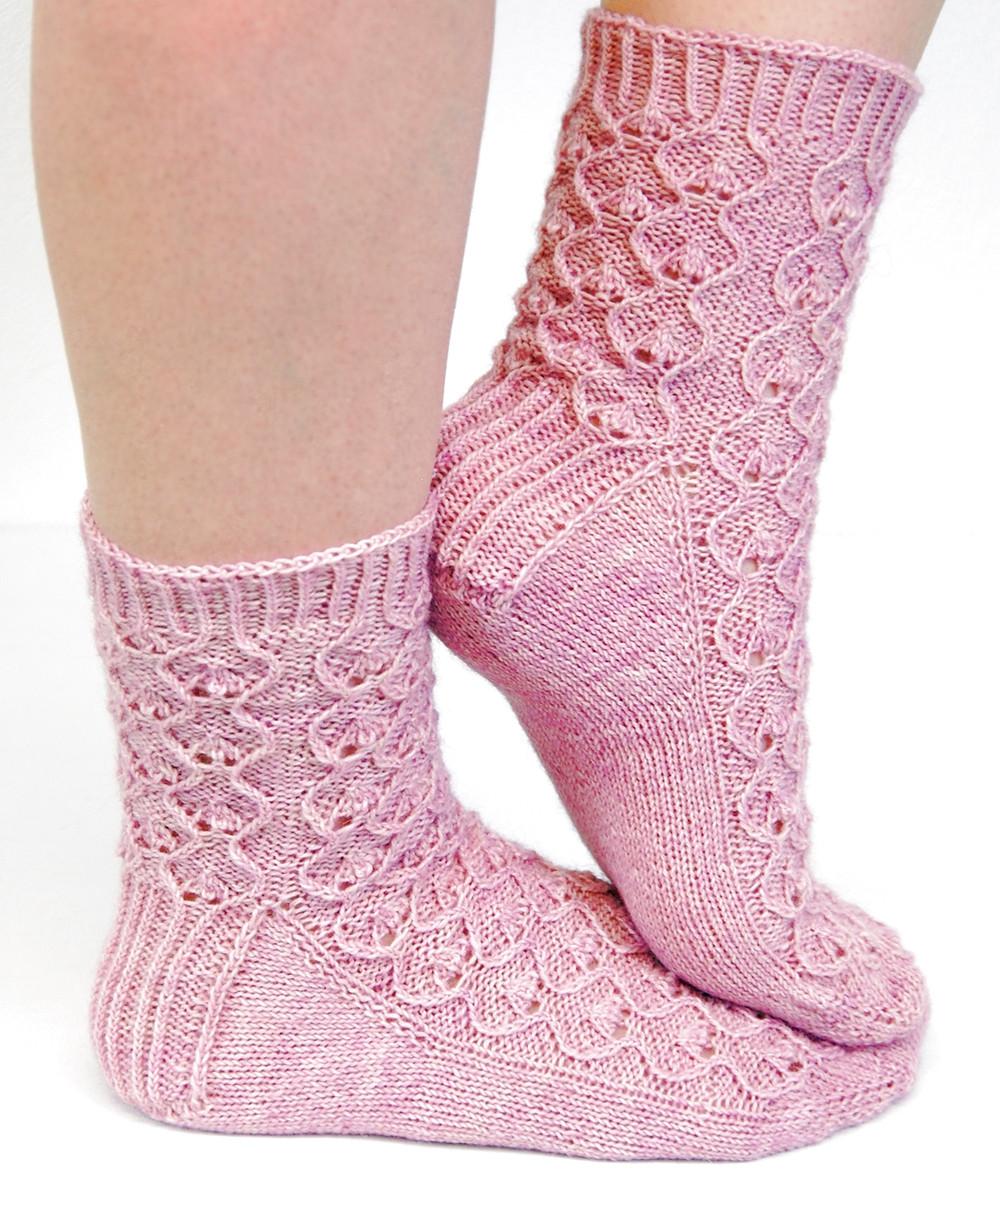 Evighet :: sock knitting pattern from talvi knits.